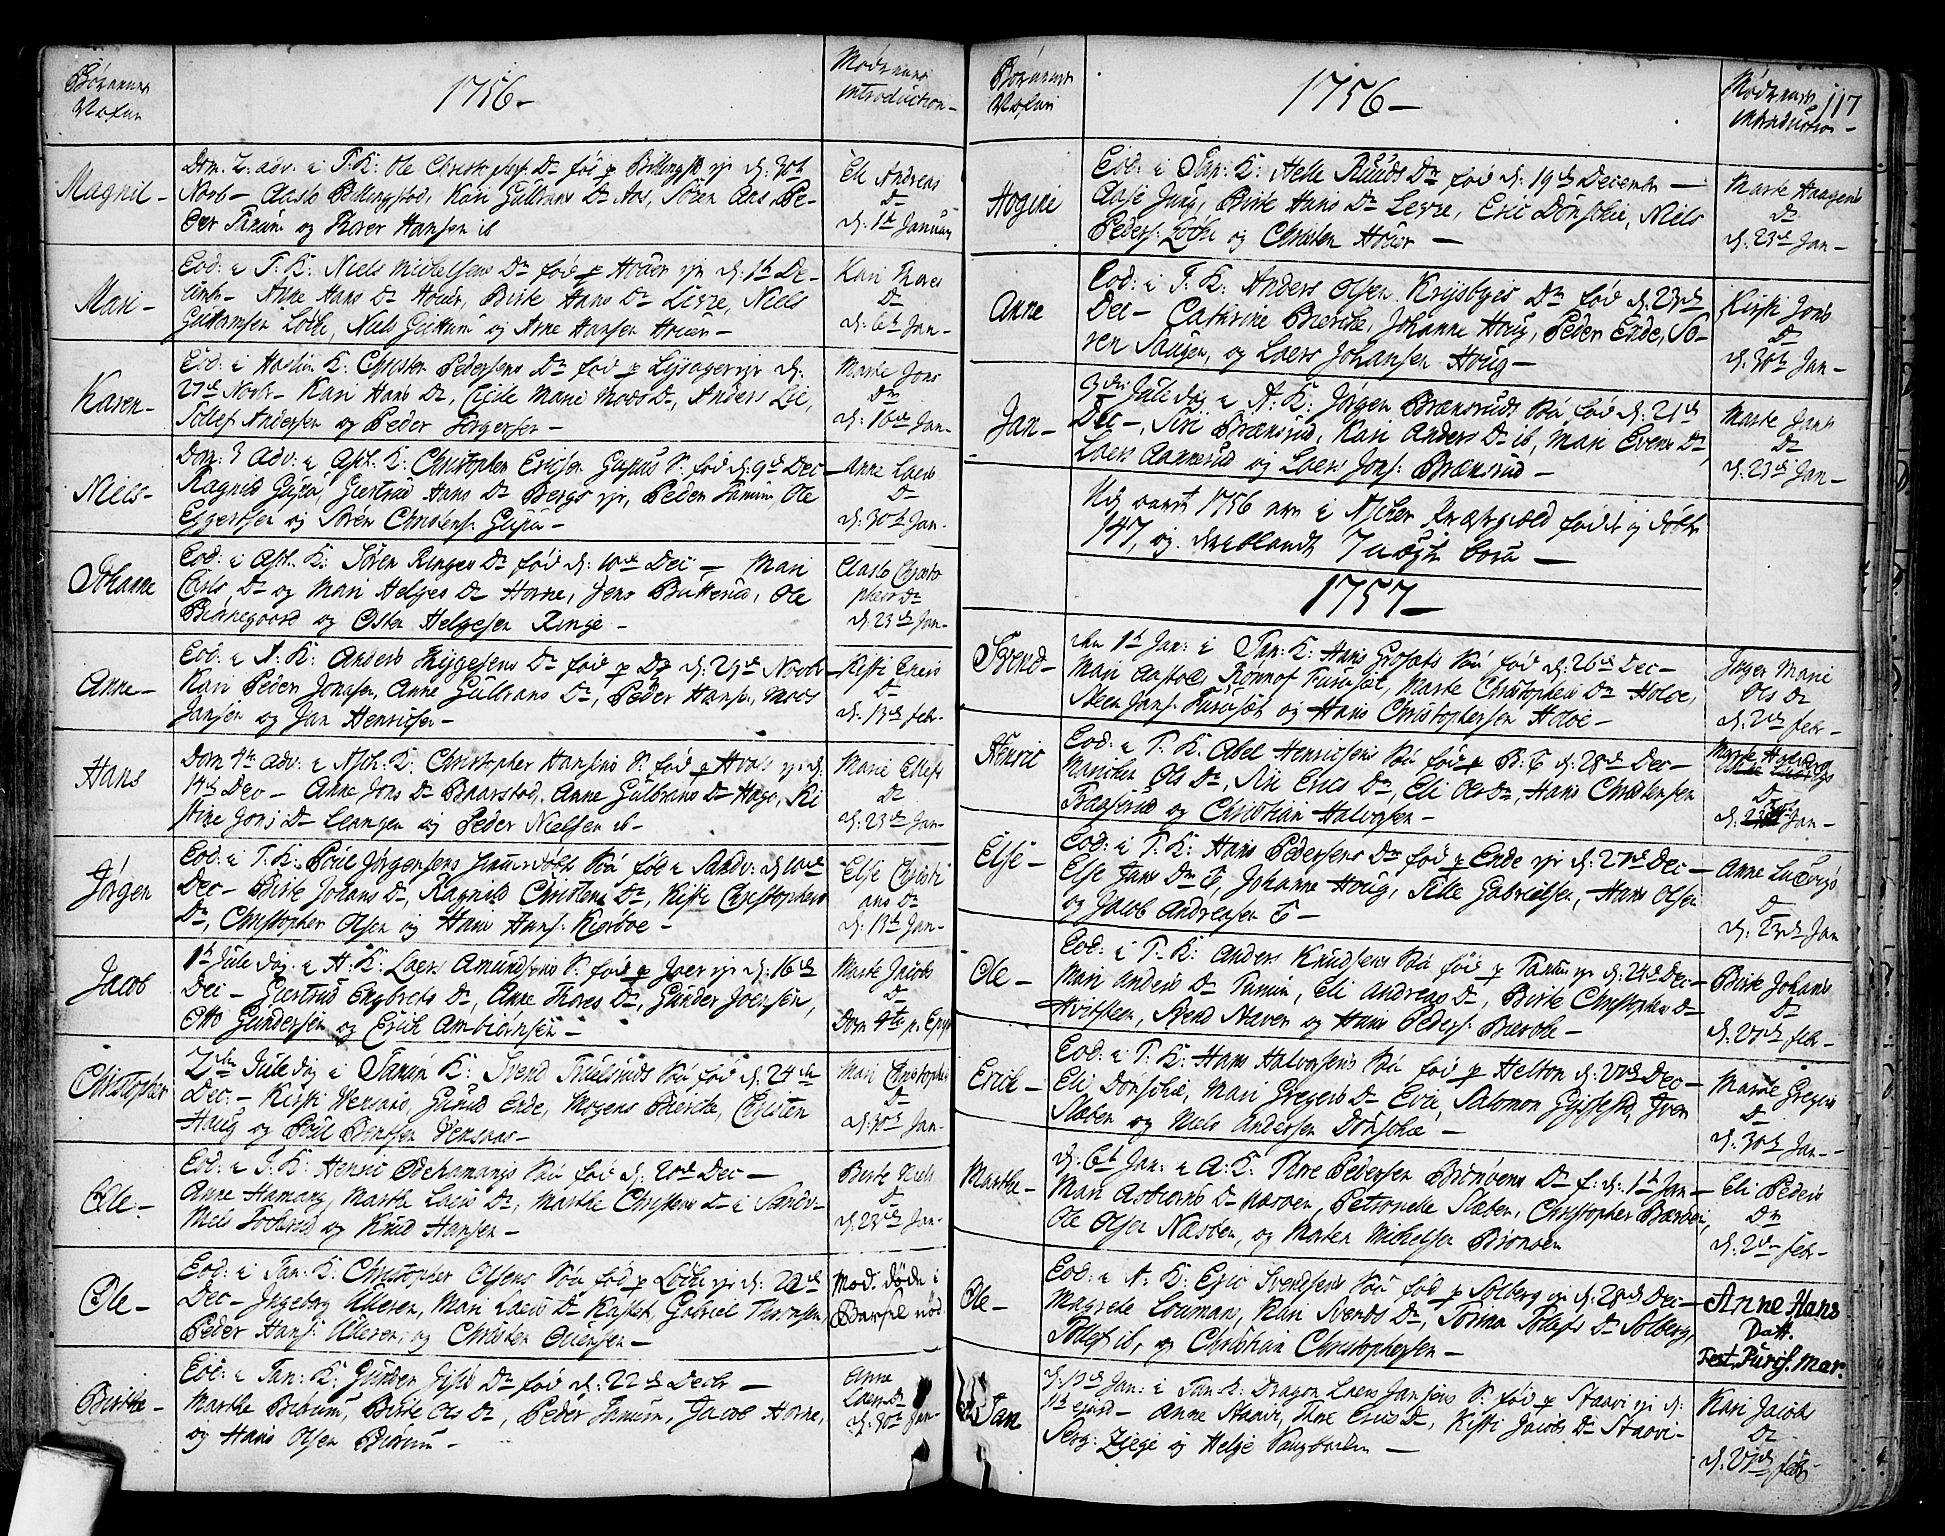 SAO, Asker prestekontor Kirkebøker, F/Fa/L0002: Ministerialbok nr. I 2, 1733-1766, s. 117